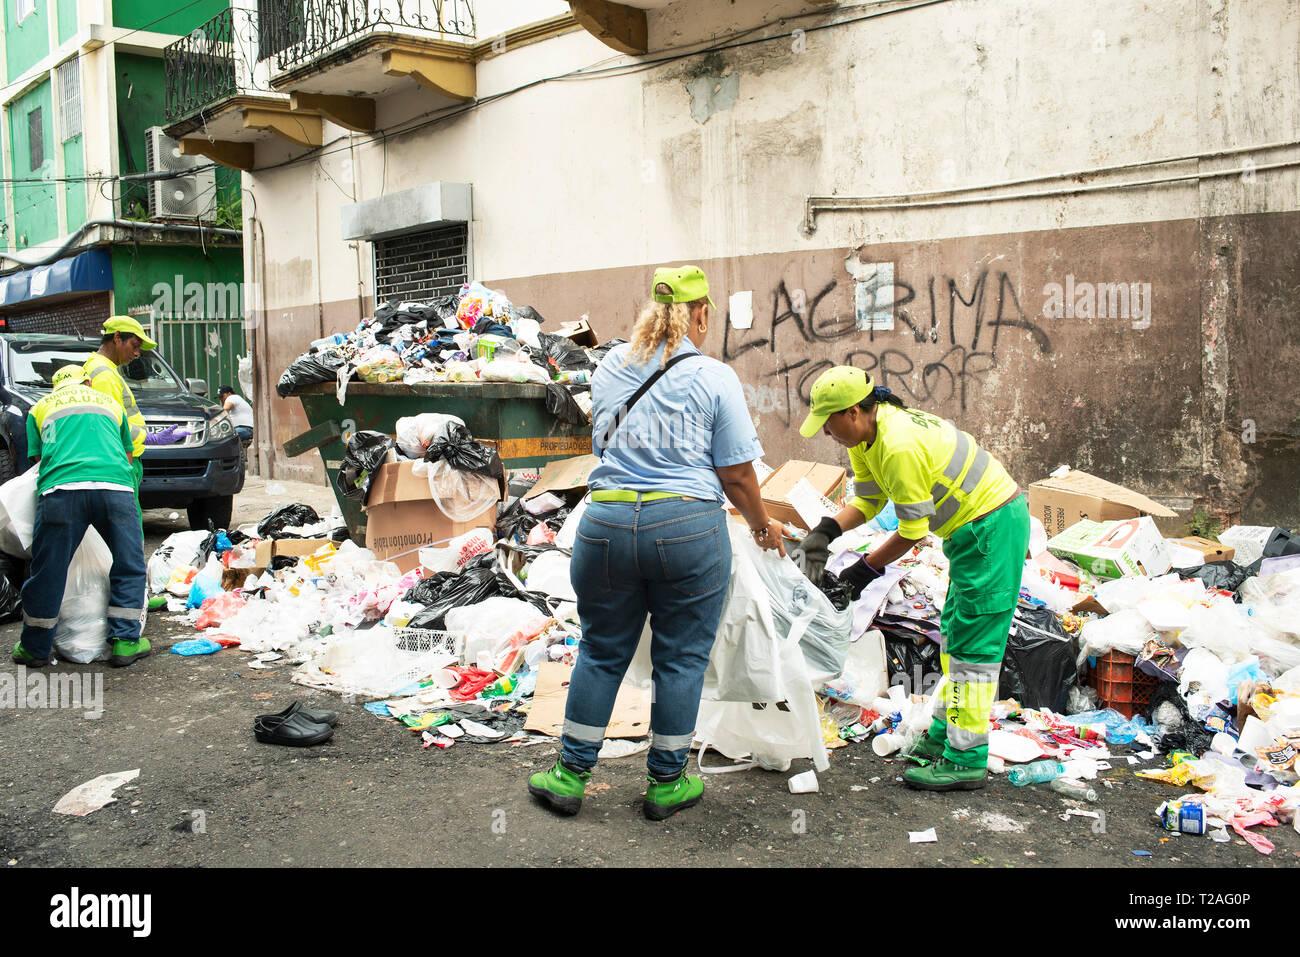 Rebosando basura / plástico basura en las calles de la Ciudad de Panamá. La gestión de residuos sigue siendo el mayor desafío en la capital. Panamá, Oct 2018 Imagen De Stock